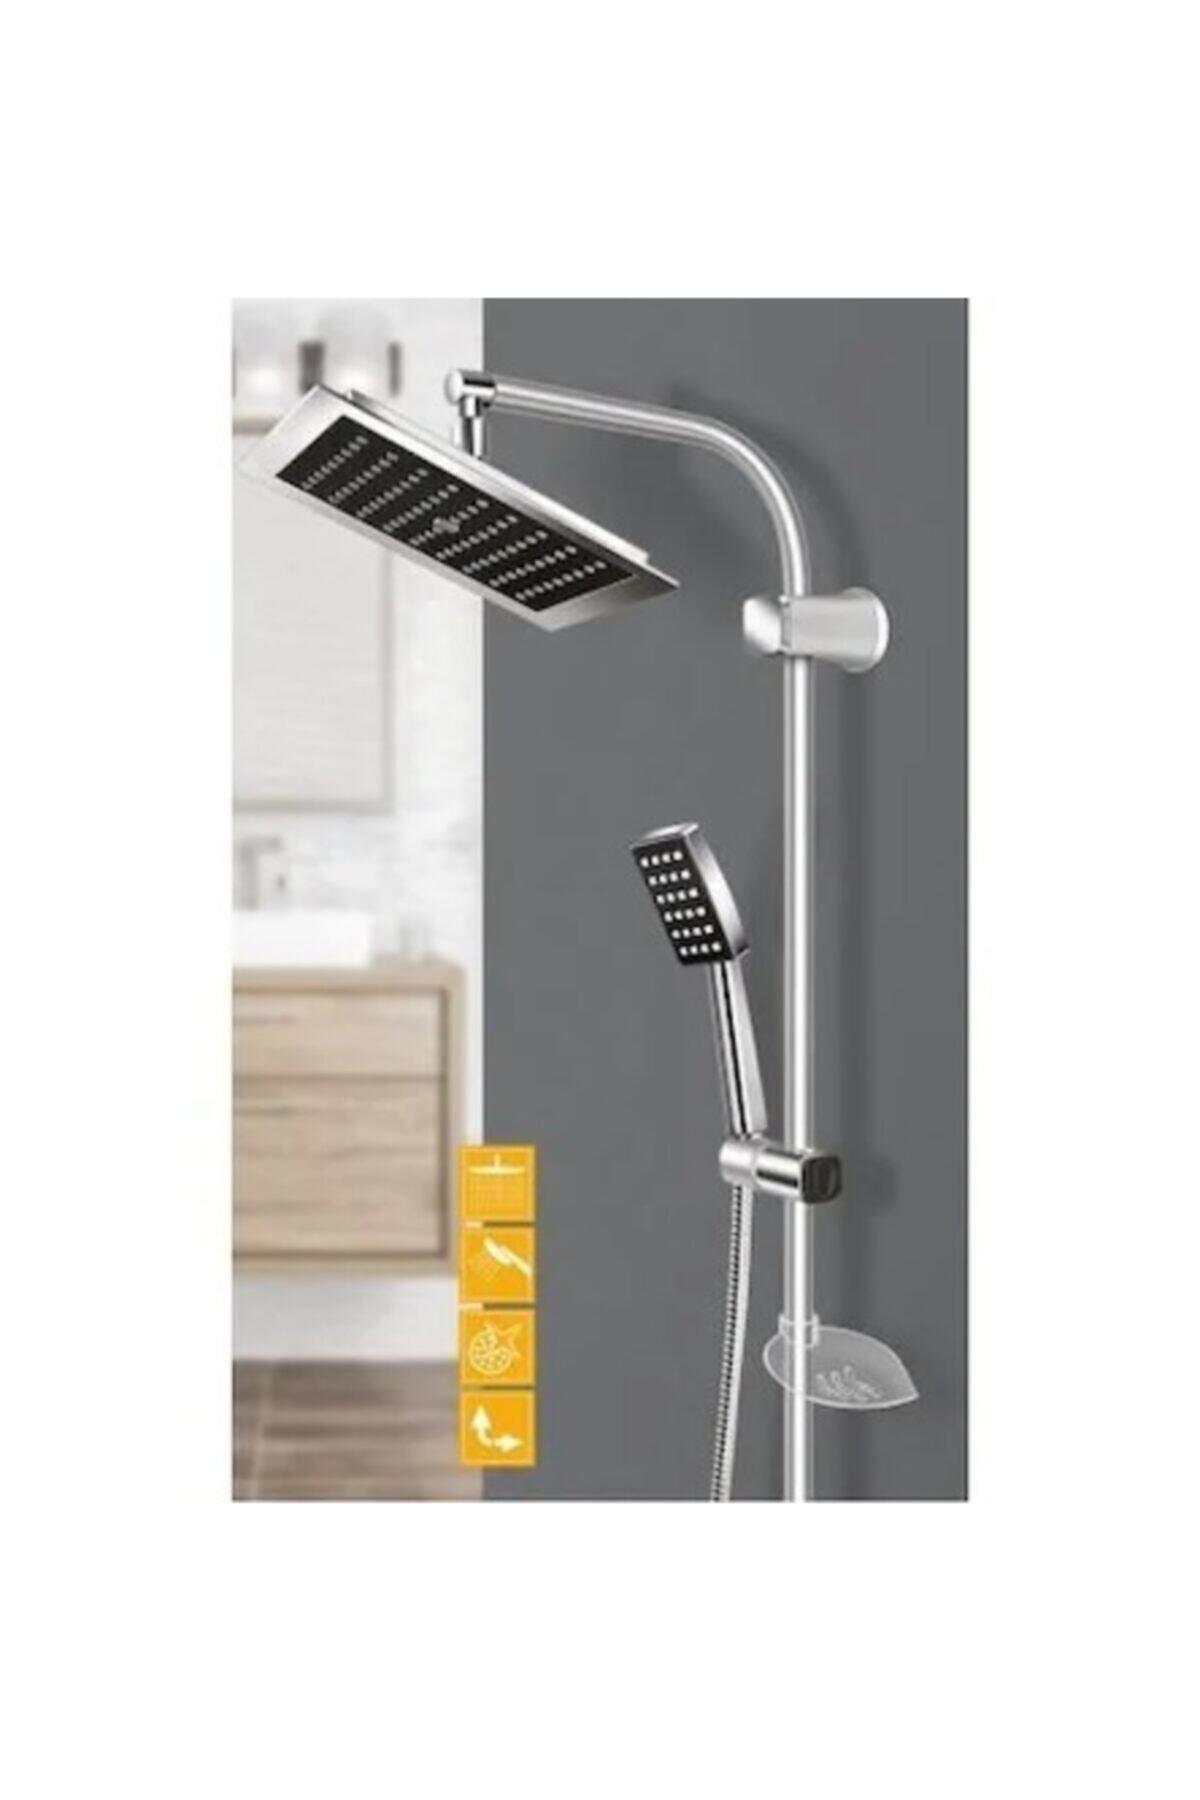 Beyazsu Duş Robotu Yağmurlama Tepe Duş Seti 1